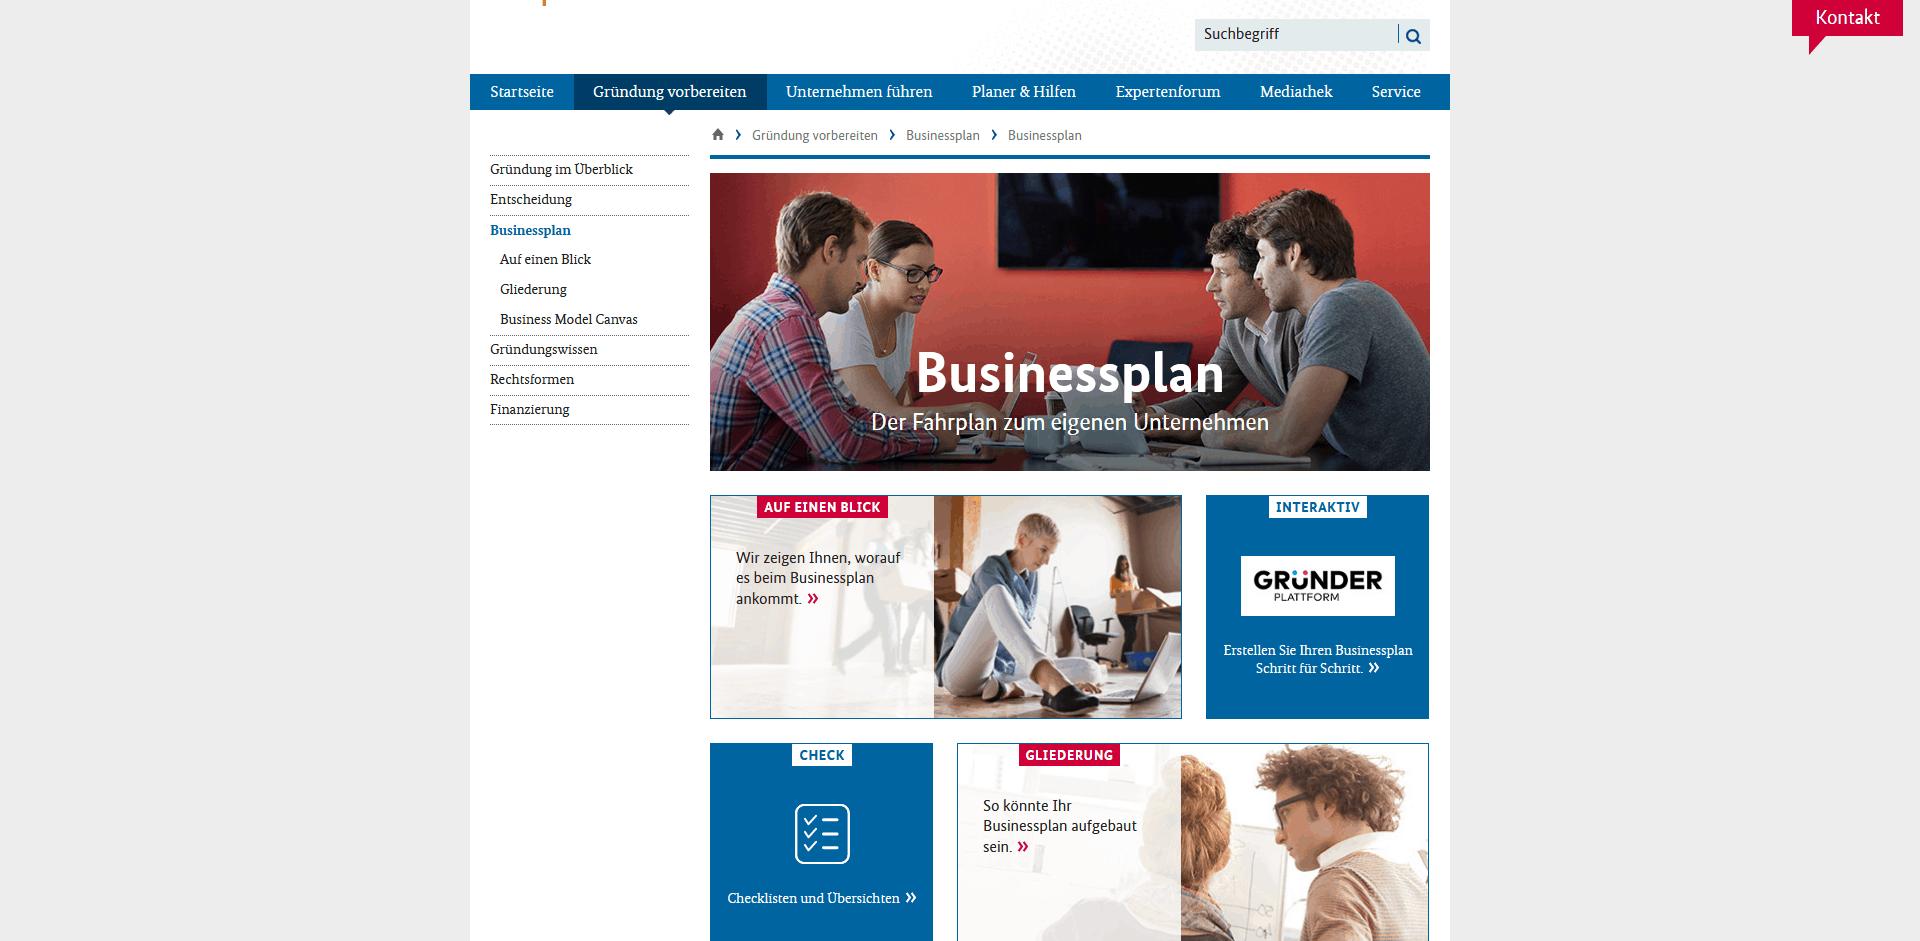 Businessplan_BMWi-Existenzgründungsportal